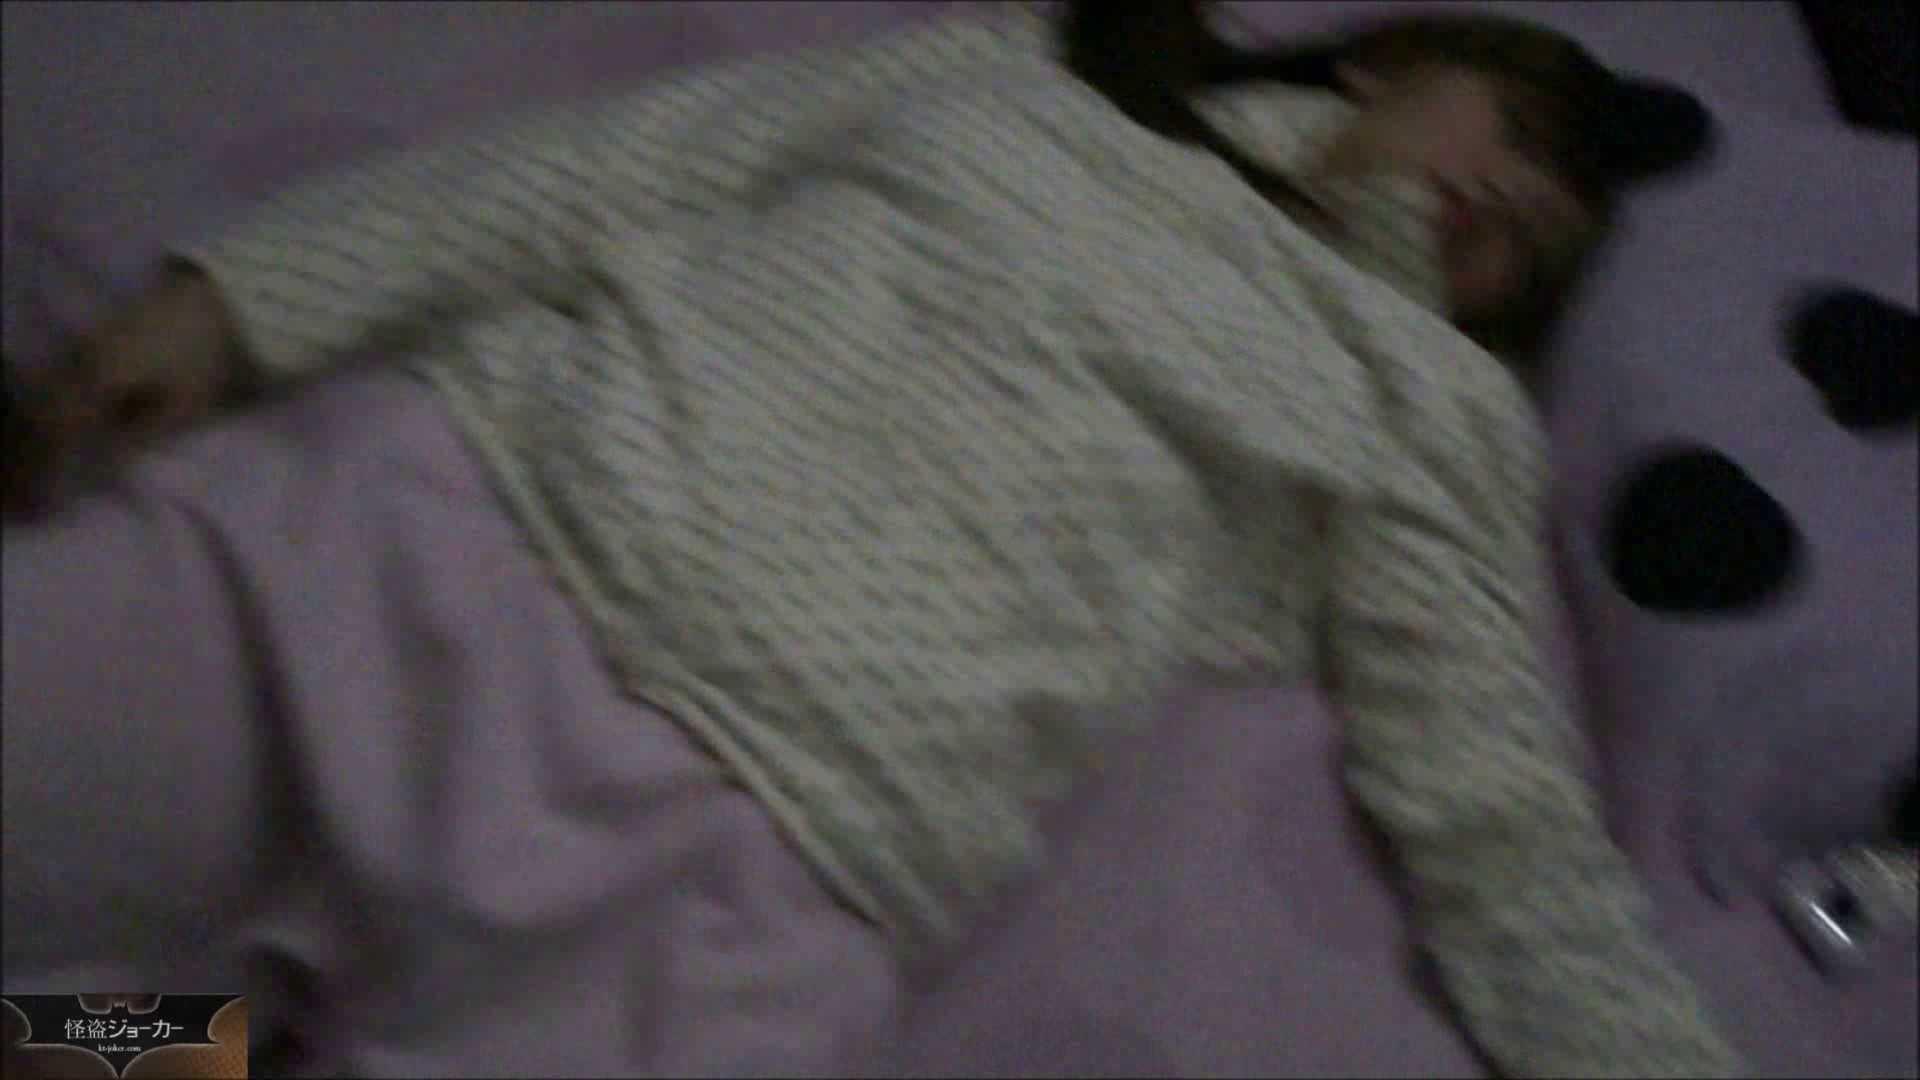 【未公開】vol.4 ユリナ×ヒトミ女市女末を・・・ いやらしいOL アダルト動画キャプチャ 90連発 29